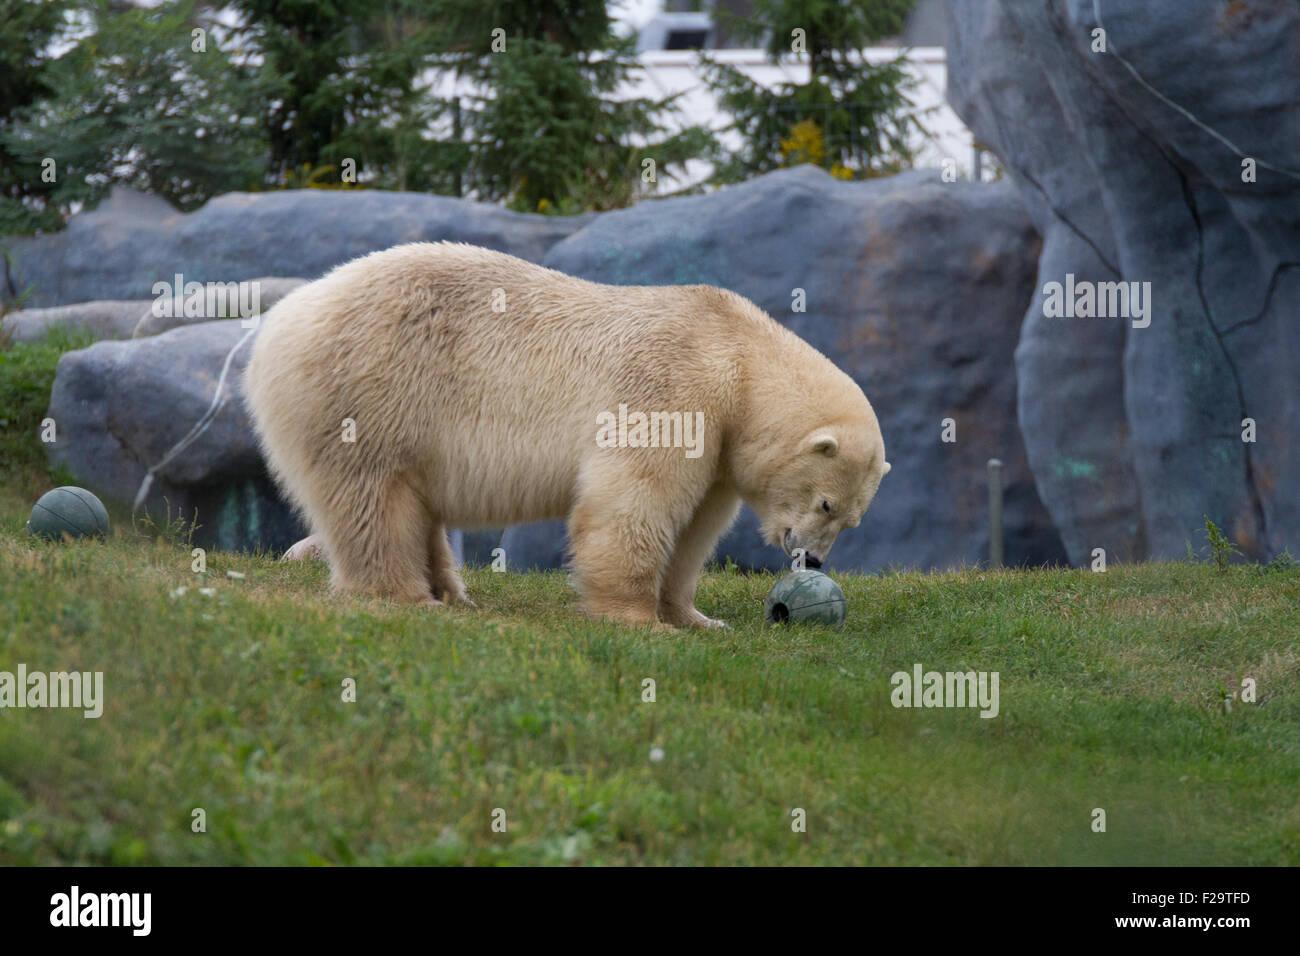 Orso polare outdoor lo zoo di erba Immagini Stock